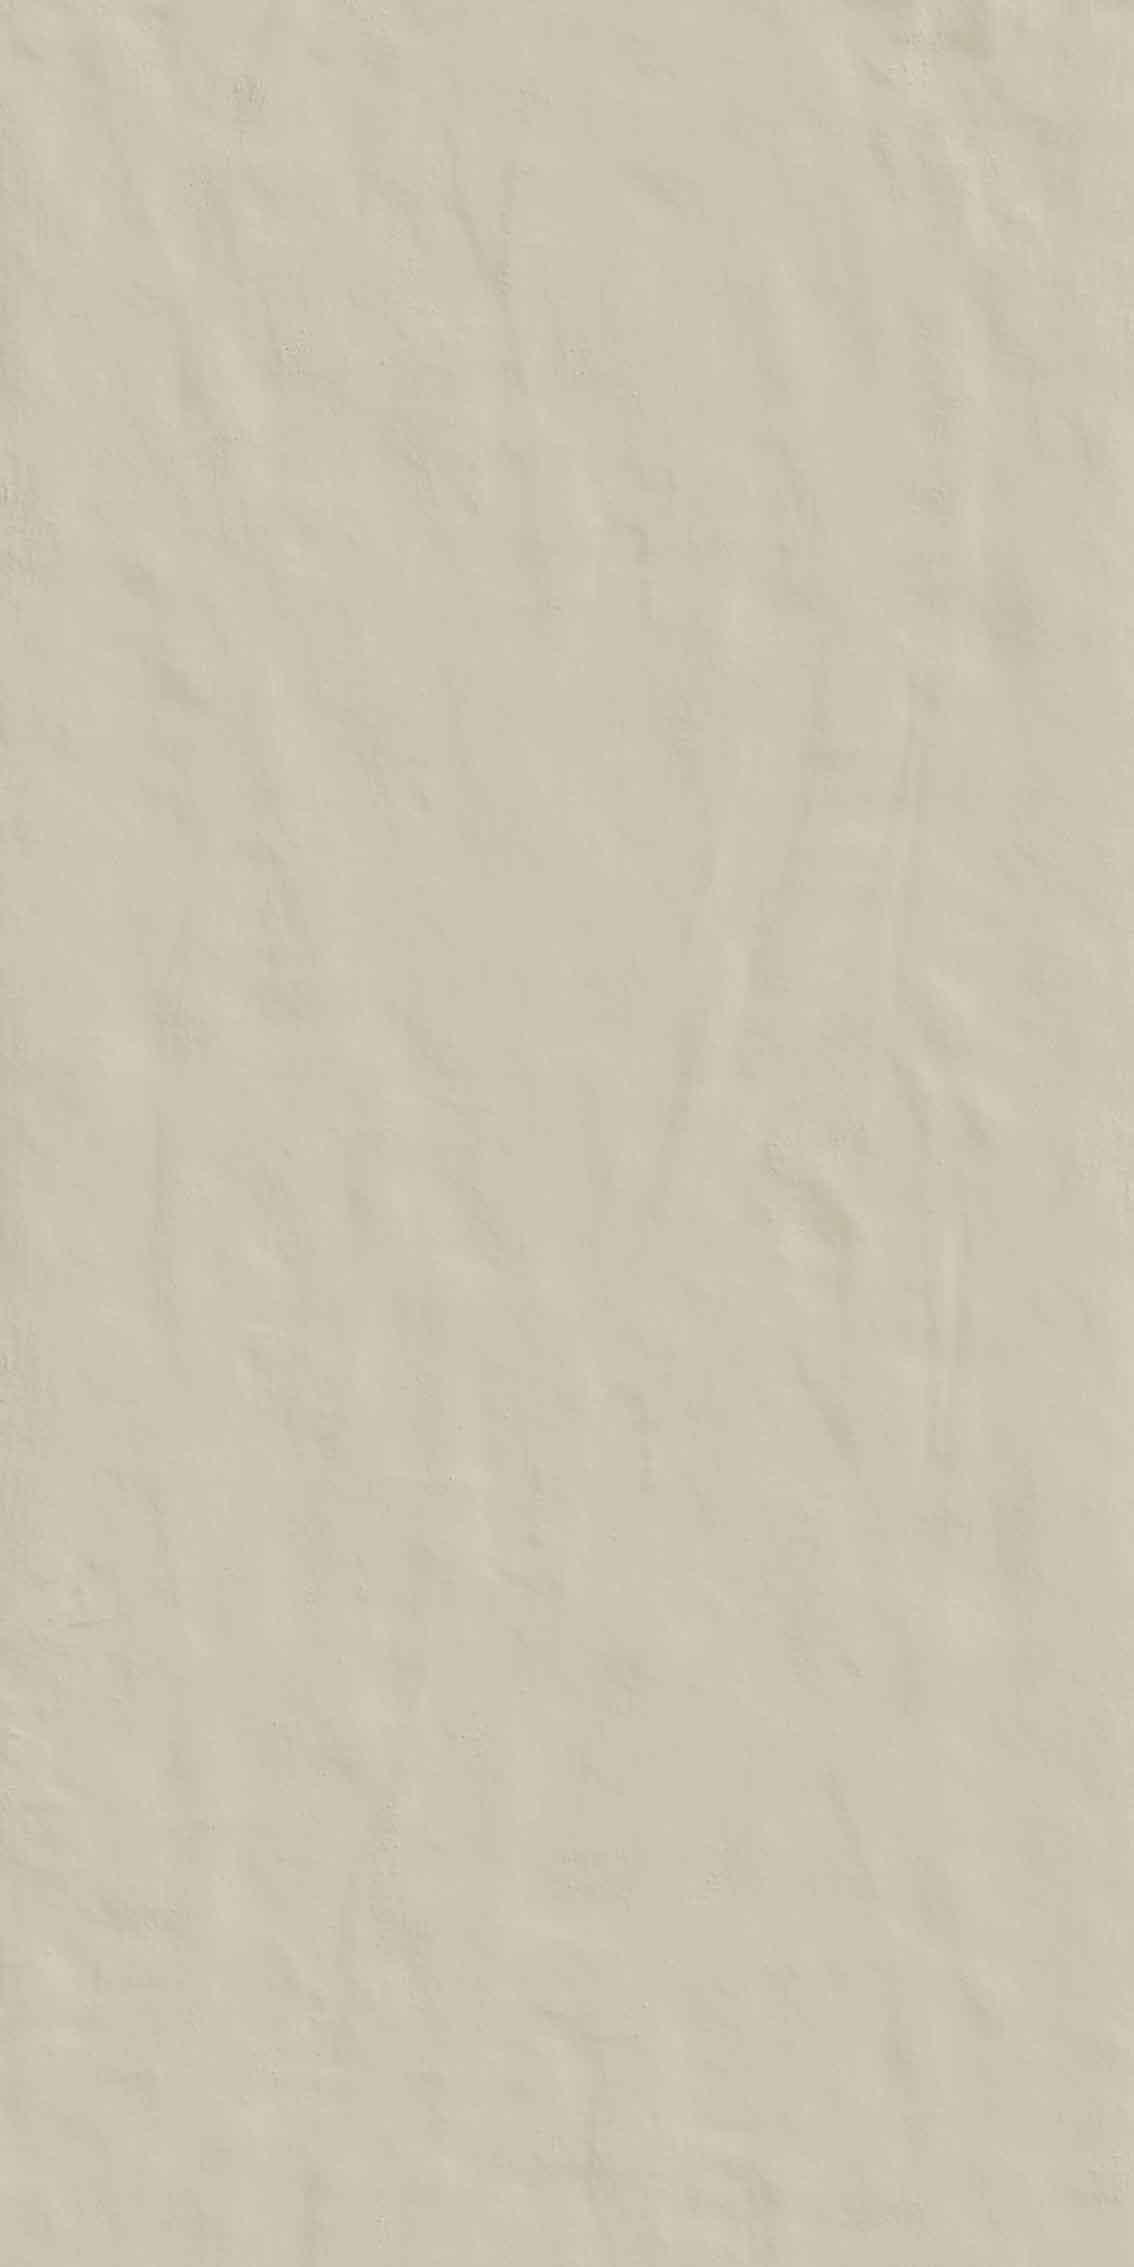 Neutra 6.0 Polvere 02 Matte 6mm 120 x 240